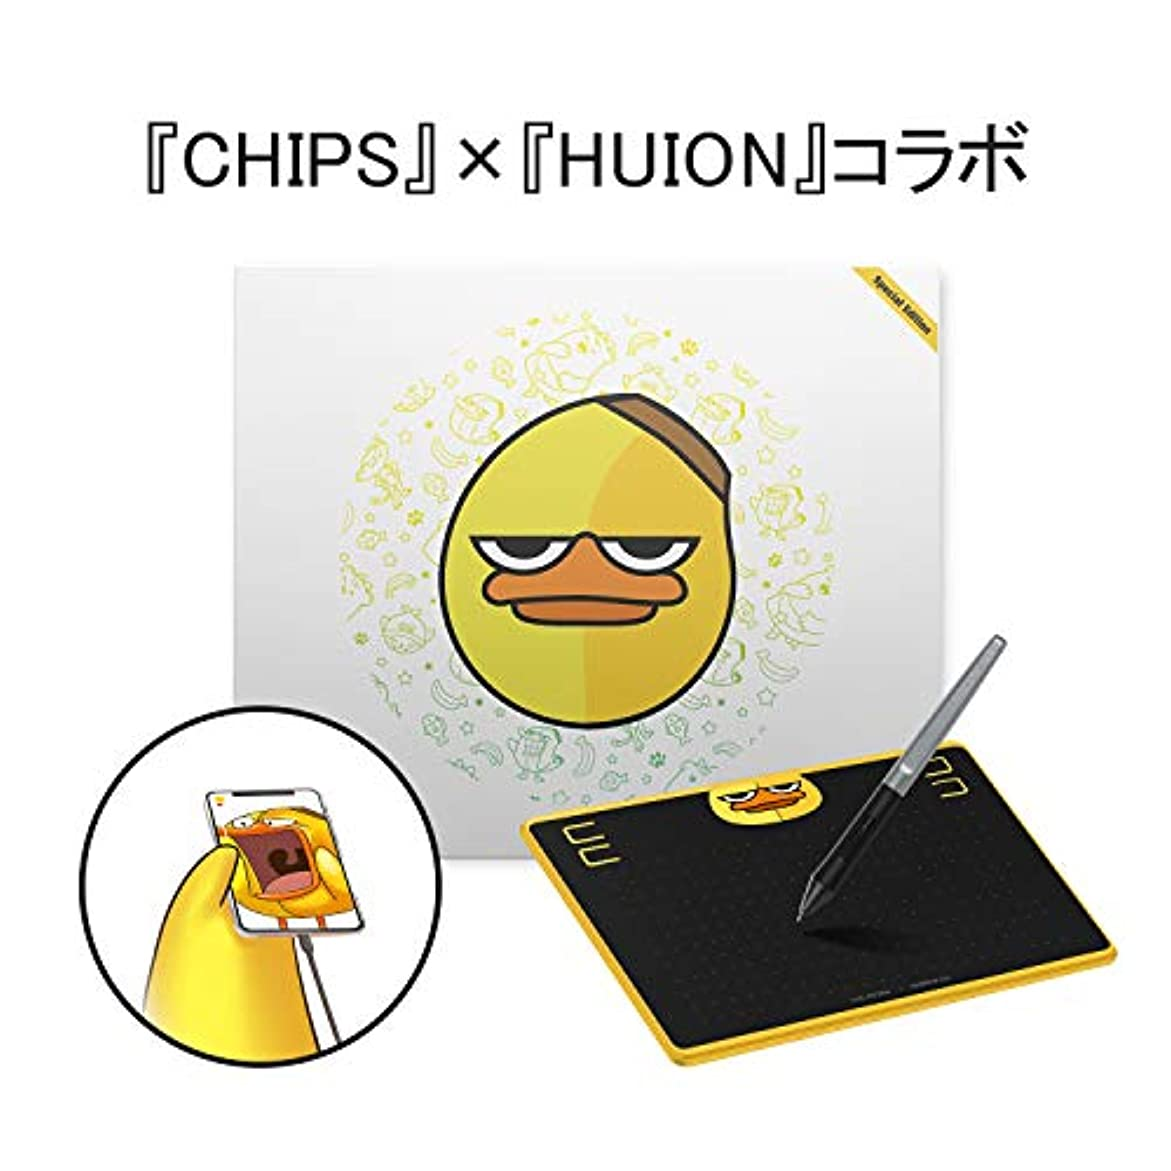 動詞週間内なるHUION ペンタブレットHS64特別版 スマホで使用可能 PCレス 筆圧8192充電不要ペン 6.3×4インチ ペンタブ Android 6.0以降 OTG対応可携帯と接続可能【一年保証】